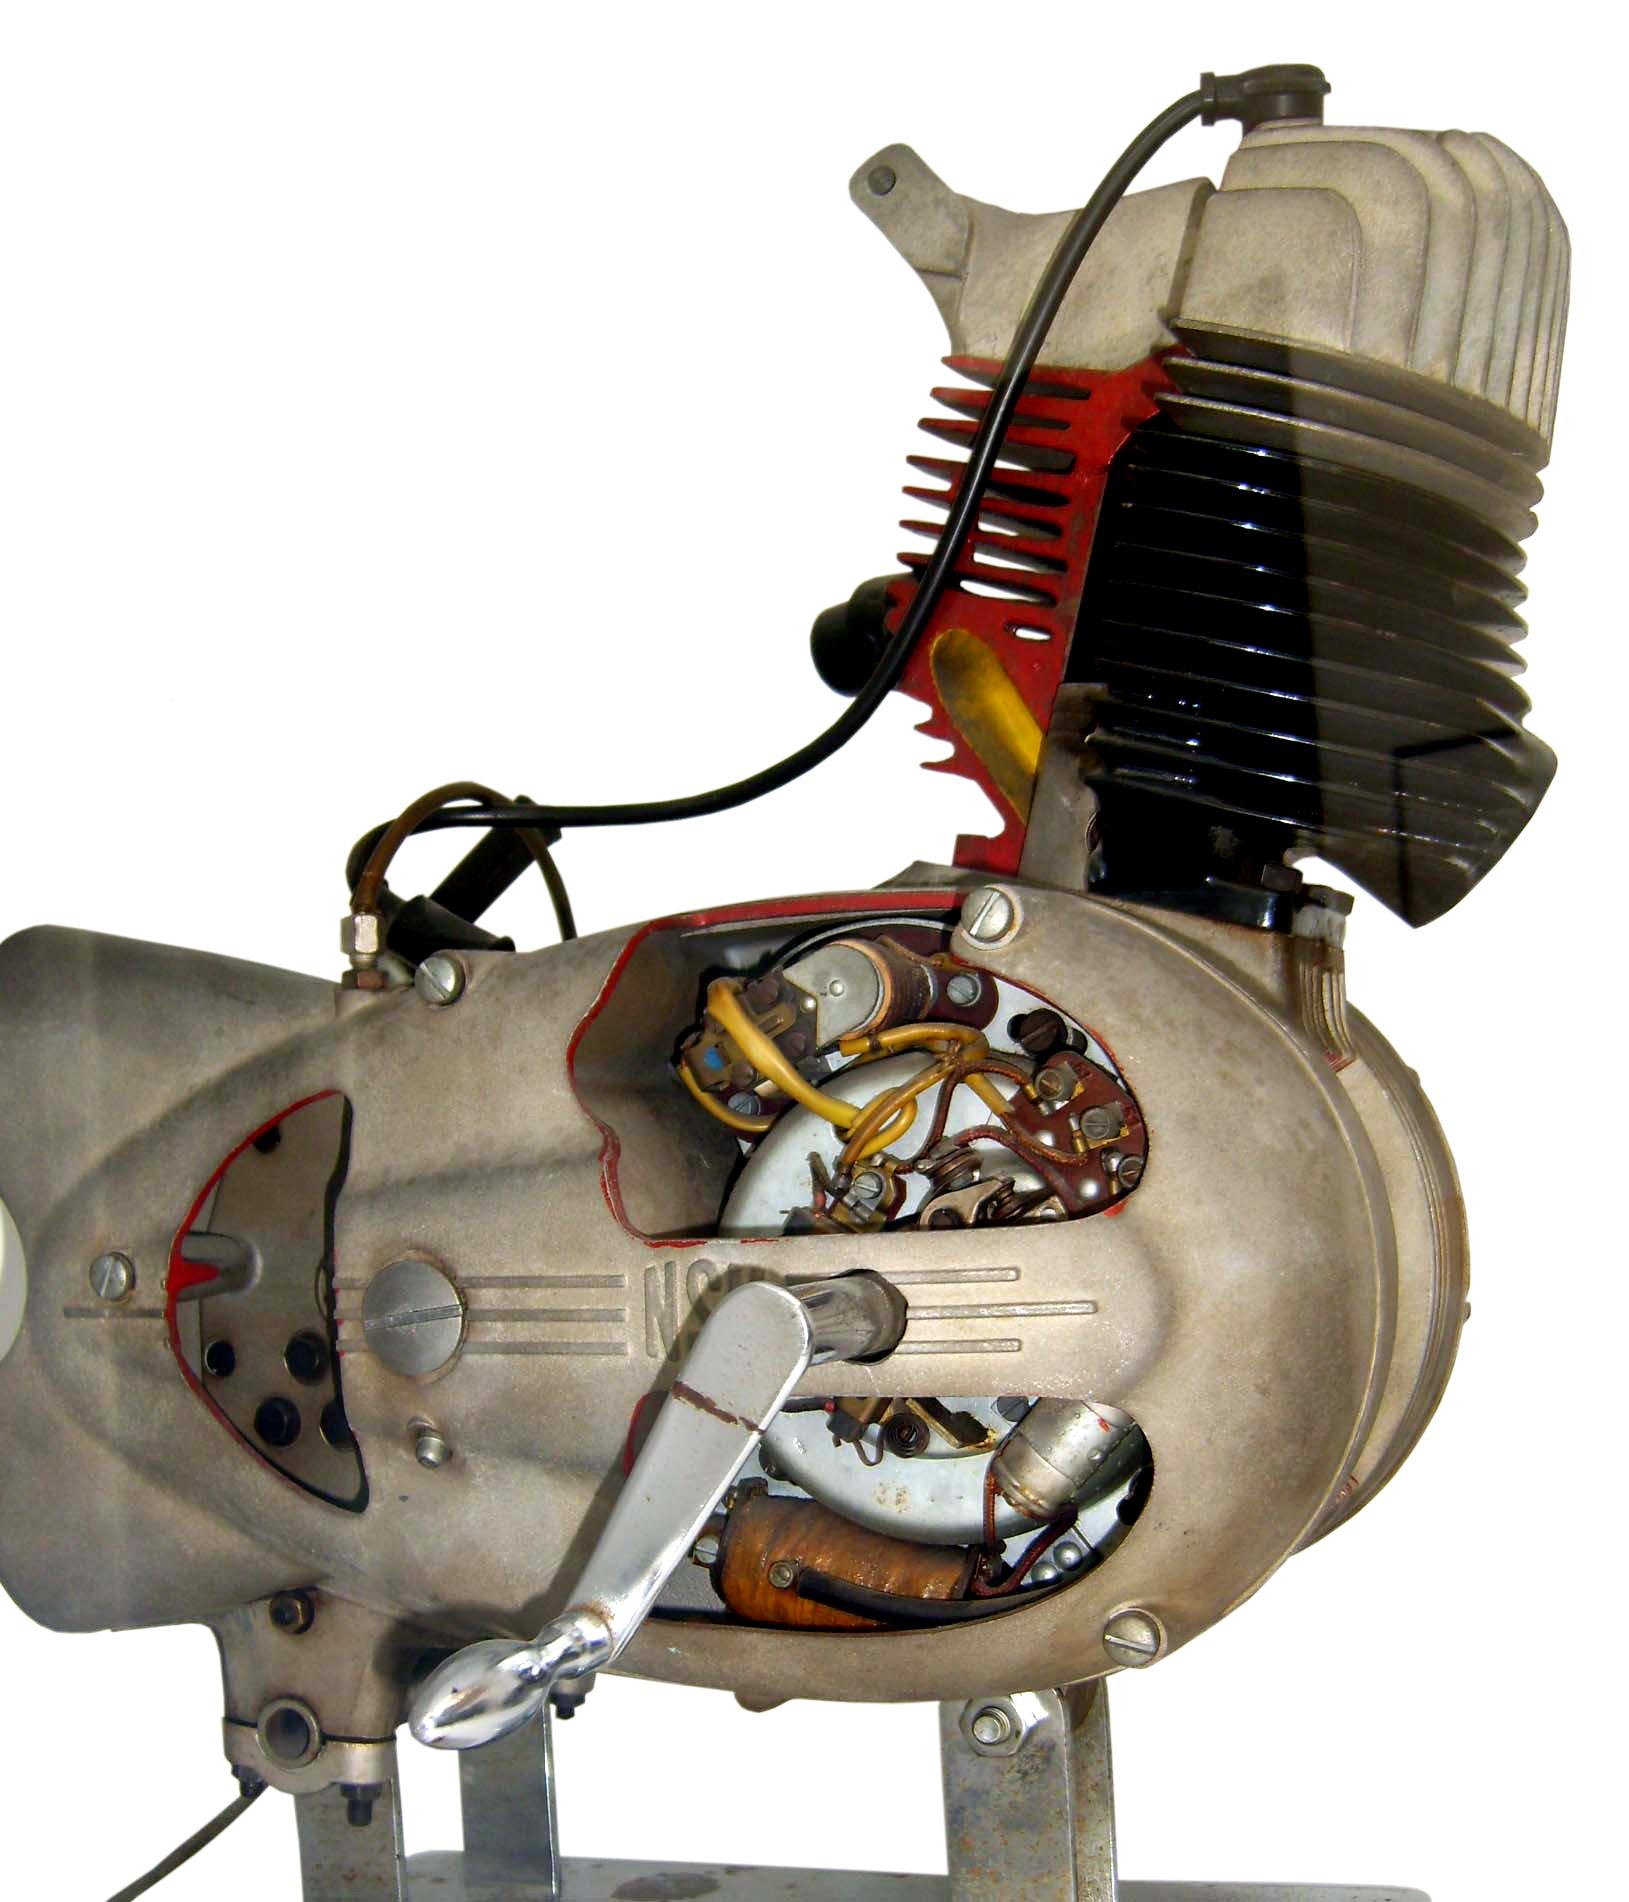 Blick auf das Schnittmodell eines NSU Einzylindermotors für Motorräder